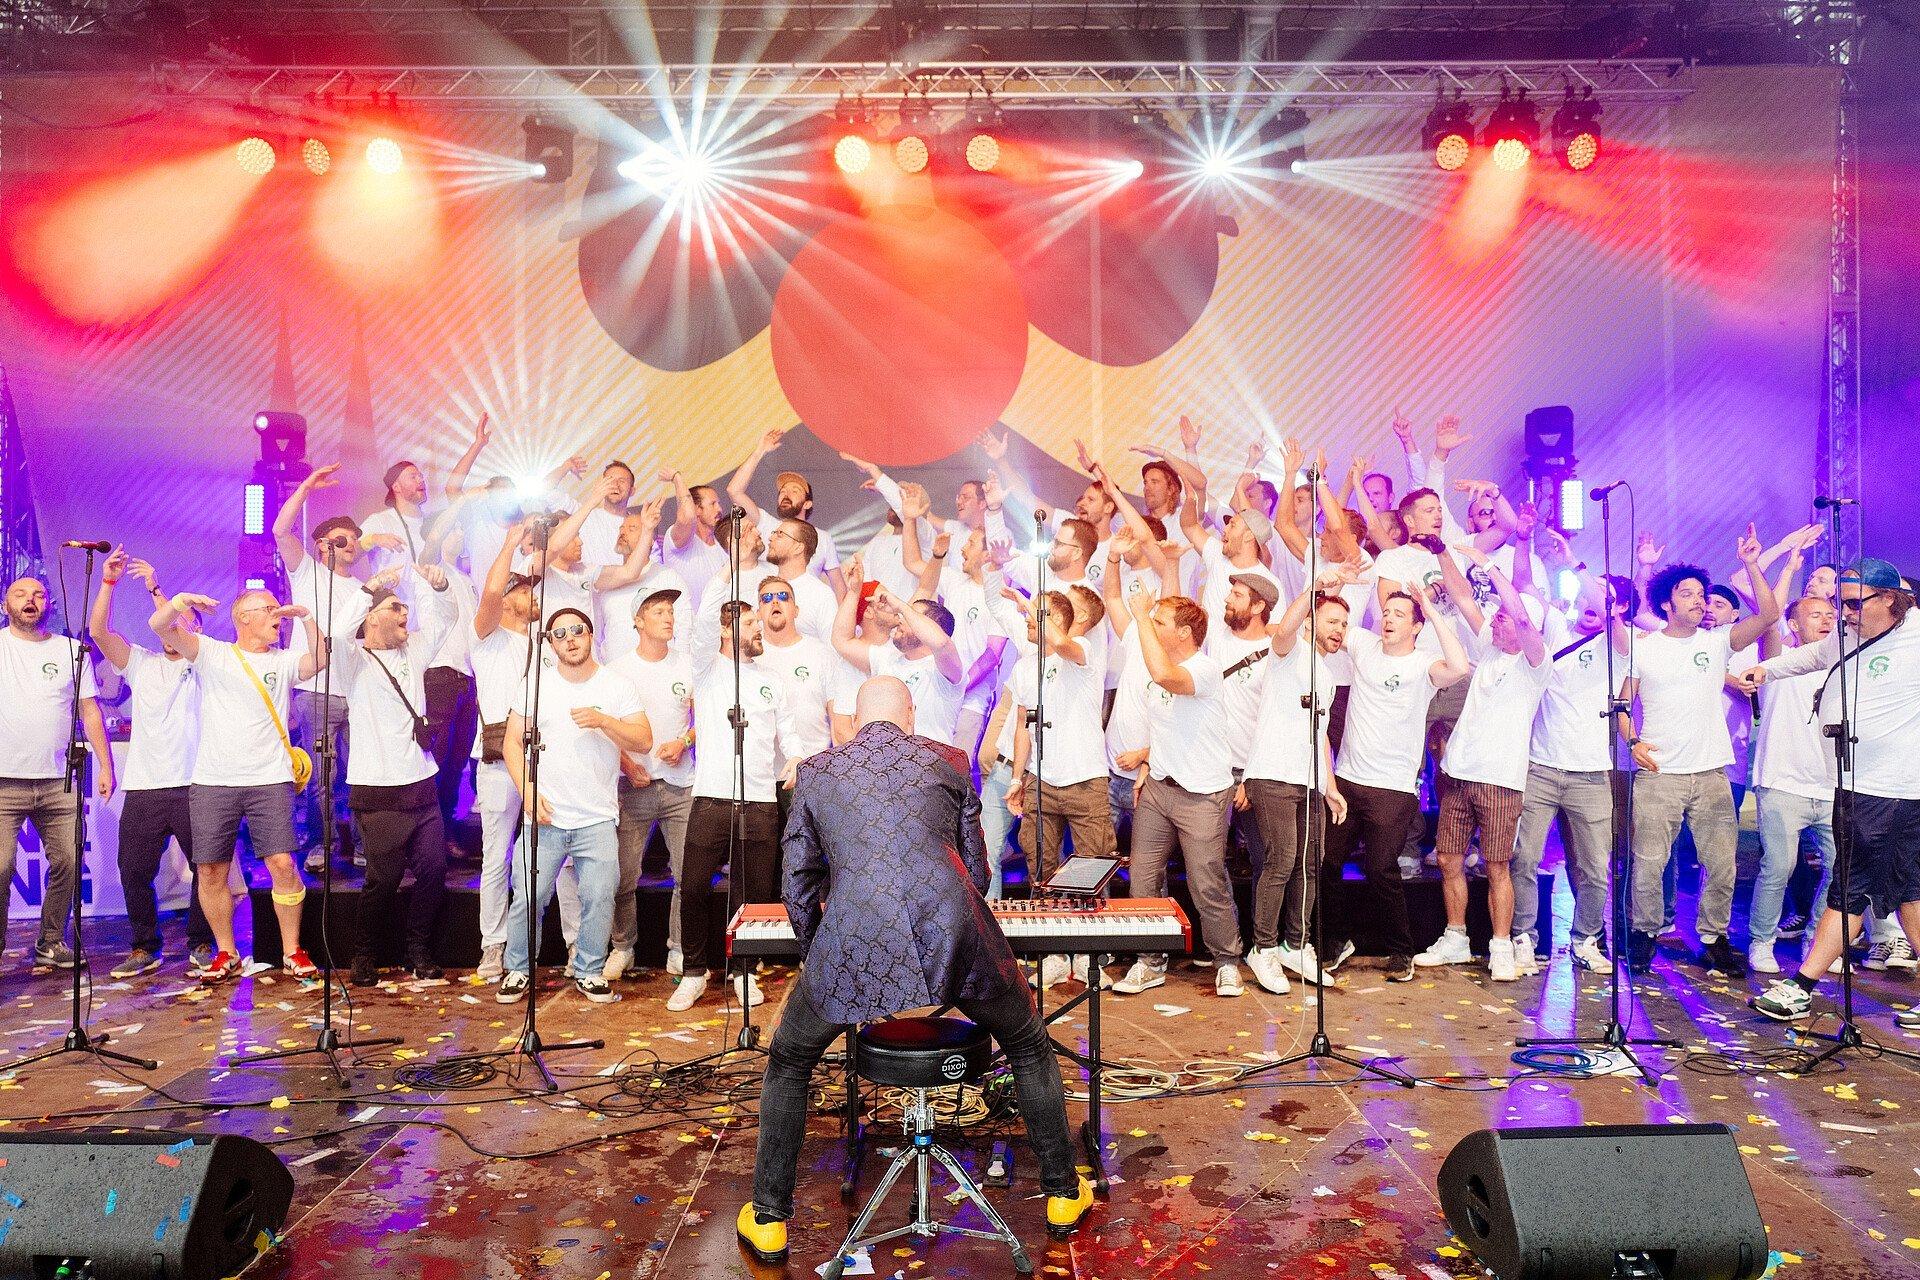 Der Männerchor Grüngürtelrosen steht mit rund 75 Mitgliedern auf einer Bühne